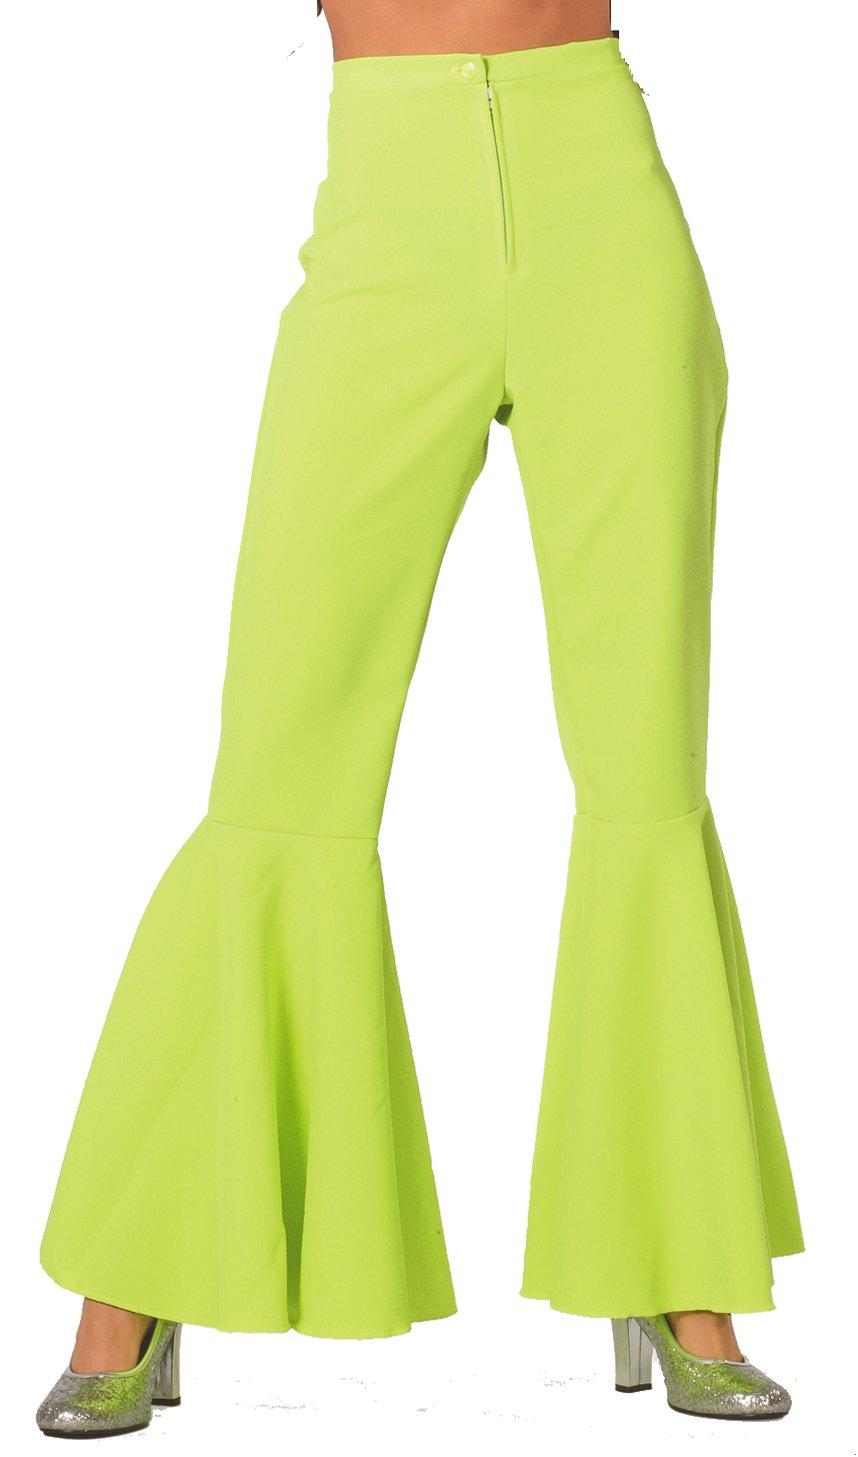 Hippie broek groen voor dame